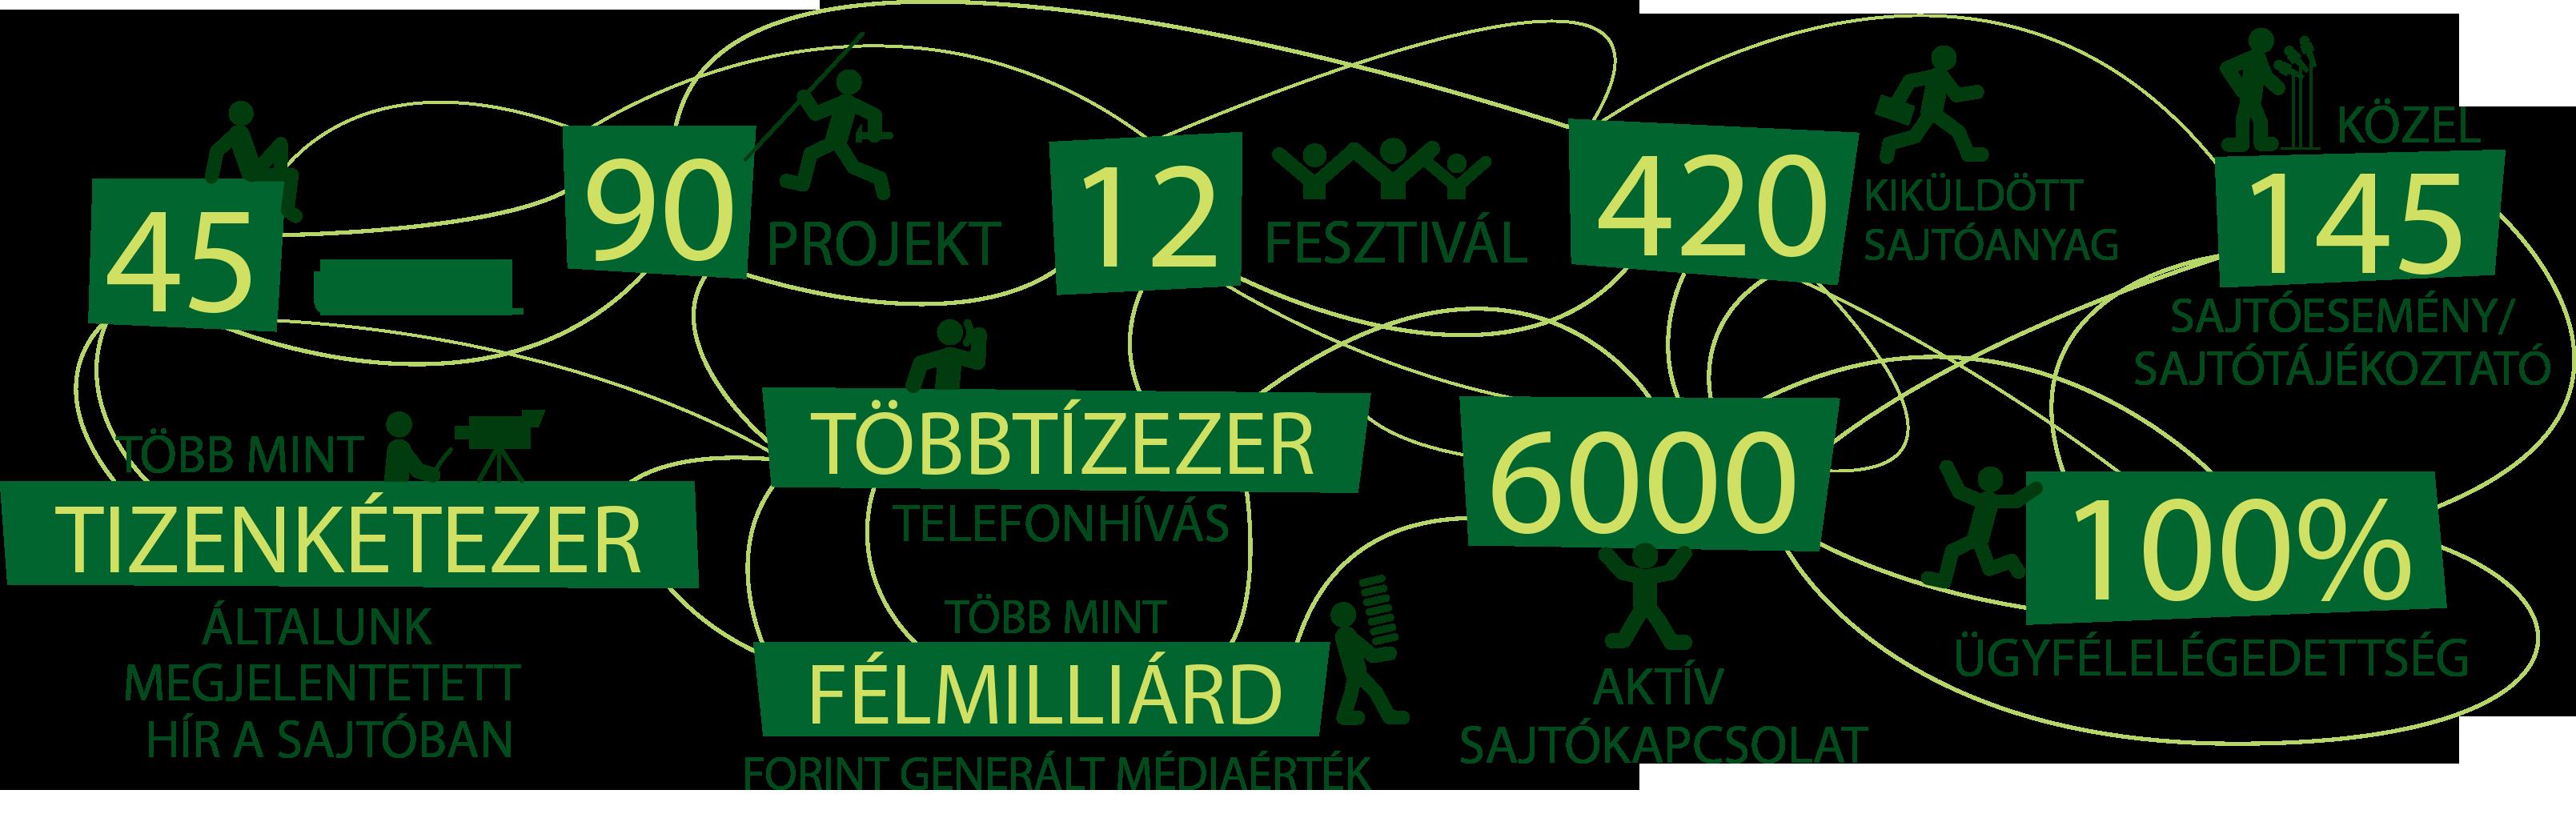 infograf1jav